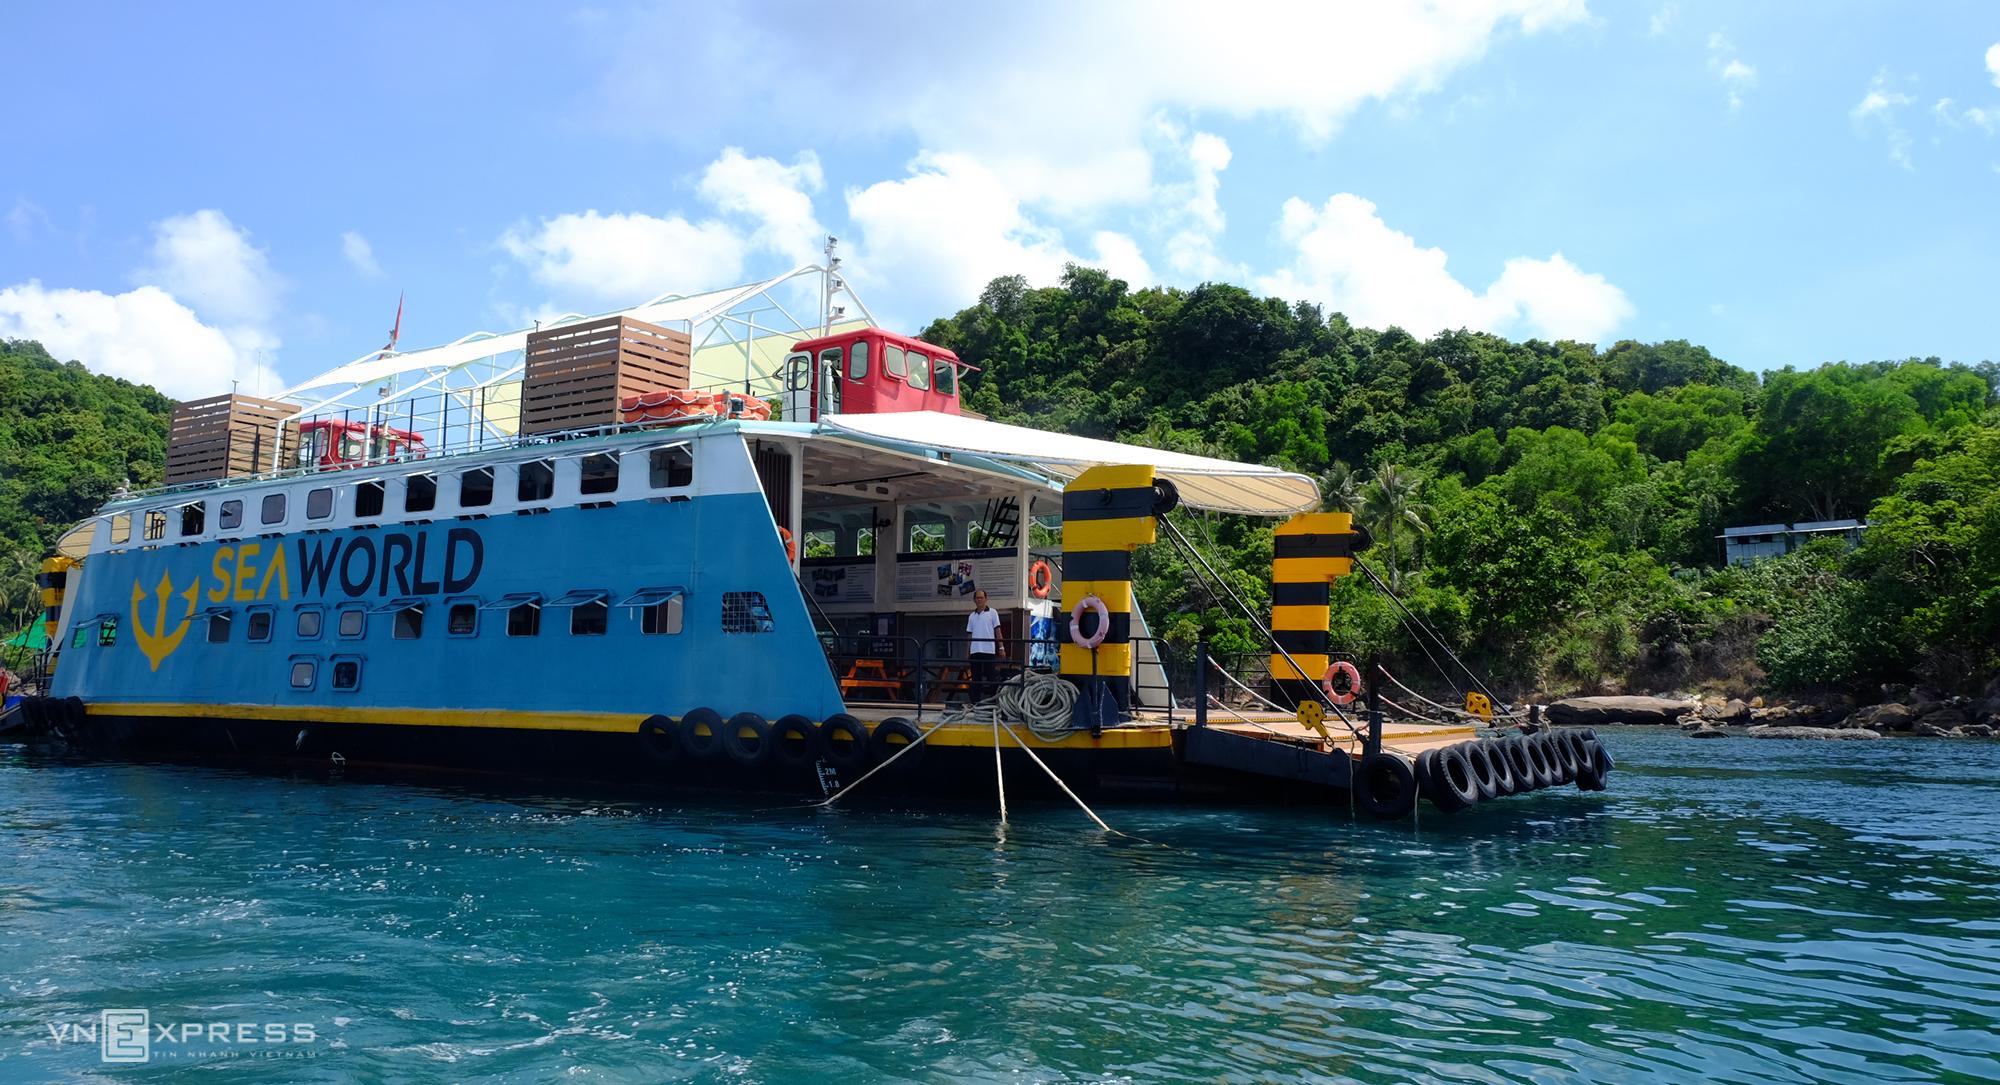 Điểm dừng cho du khách trải nghiệm dịch vụ đi bộ dưới đáy biển. Ảnh: Khánh Trần.